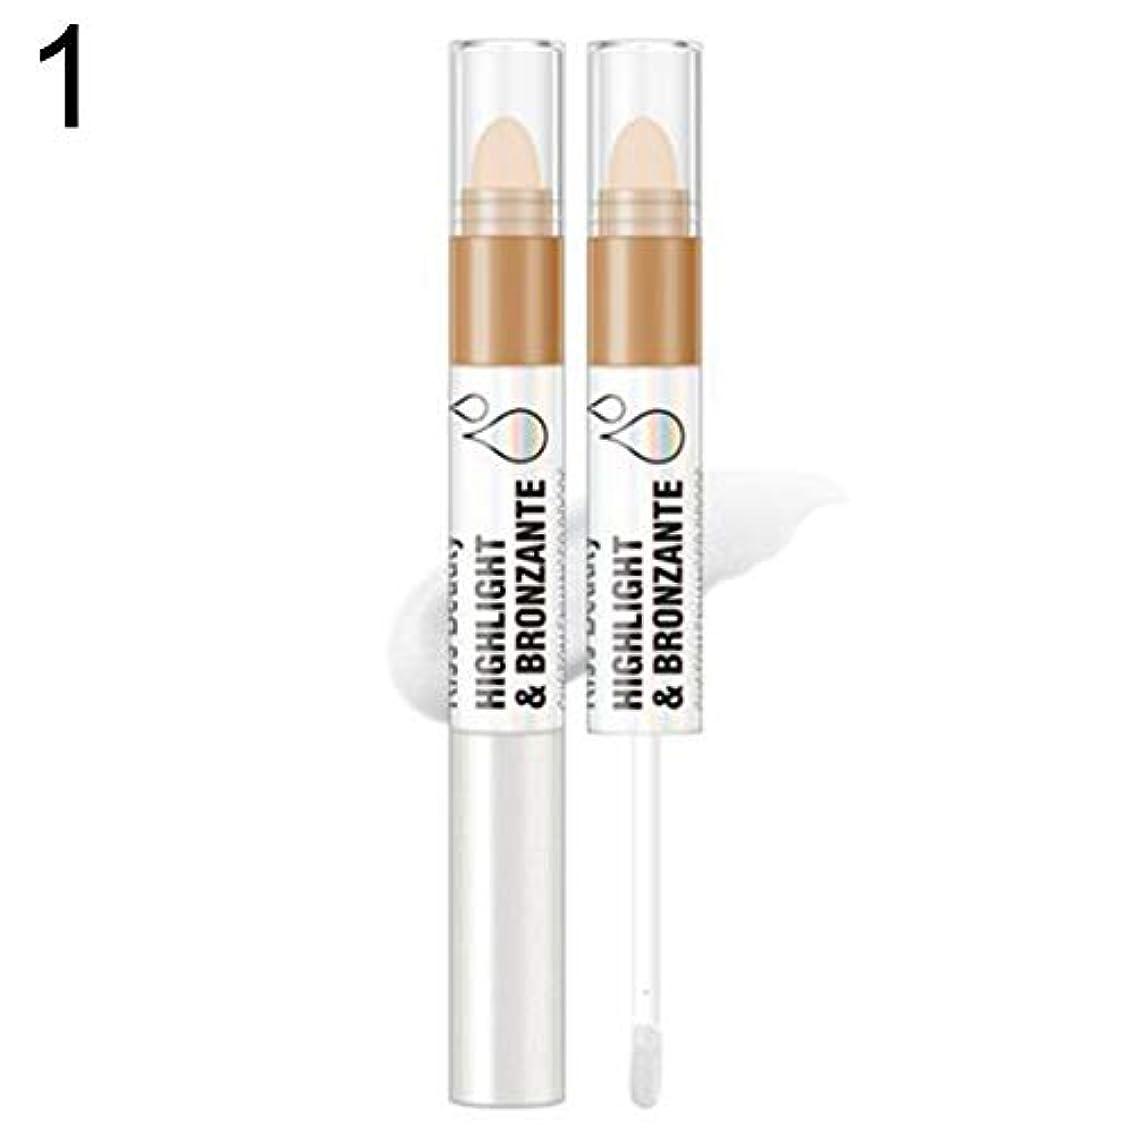 Kissbeauty液体蛍光ペンフェイスグロープライマーオイルコントロールコンターブライトナー - 1